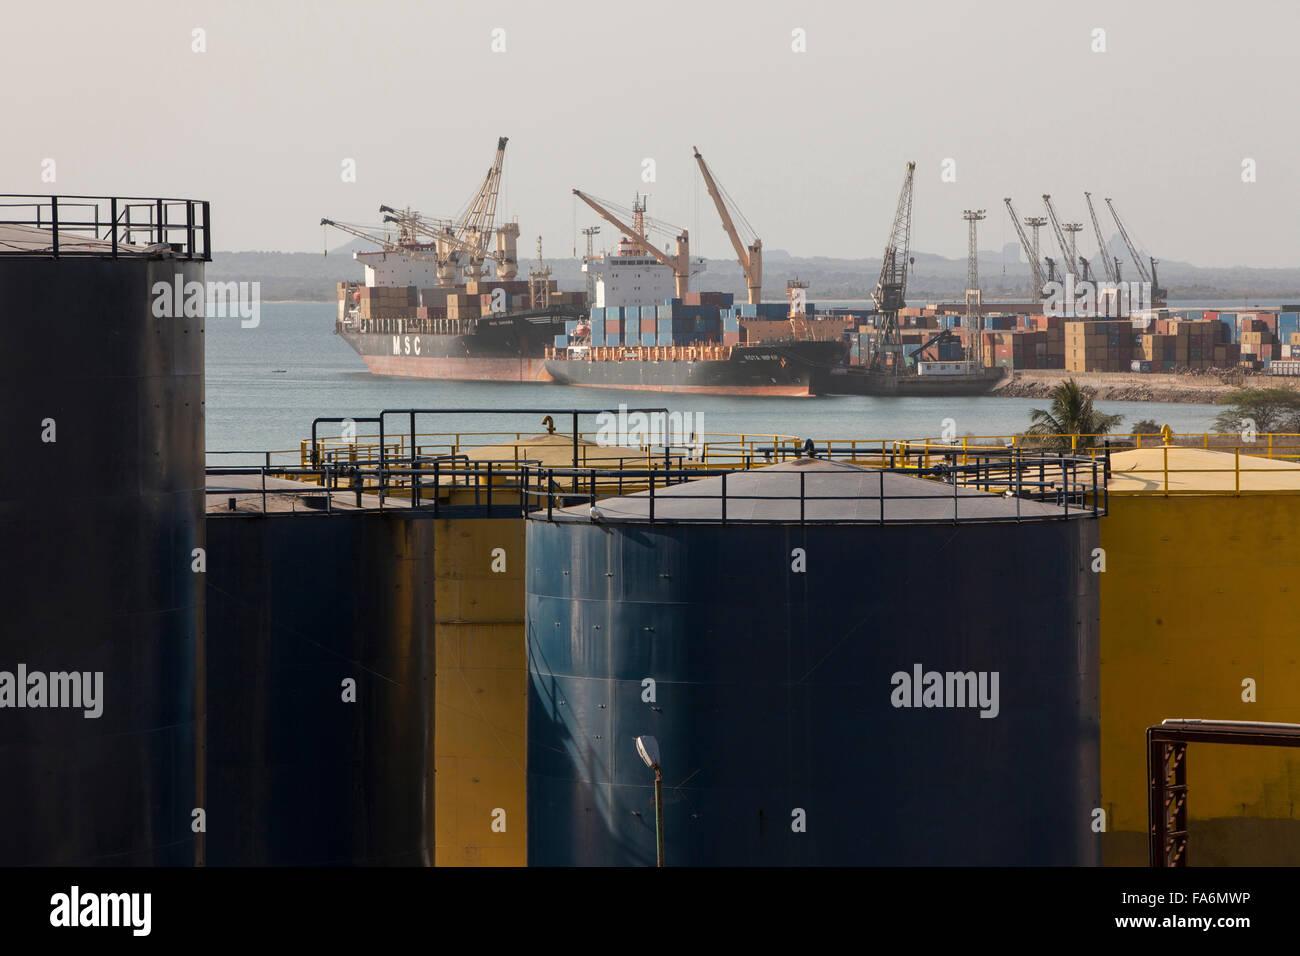 Quai des navires au port de Nacala, dans le nord-est du Mozambique. Photo Stock